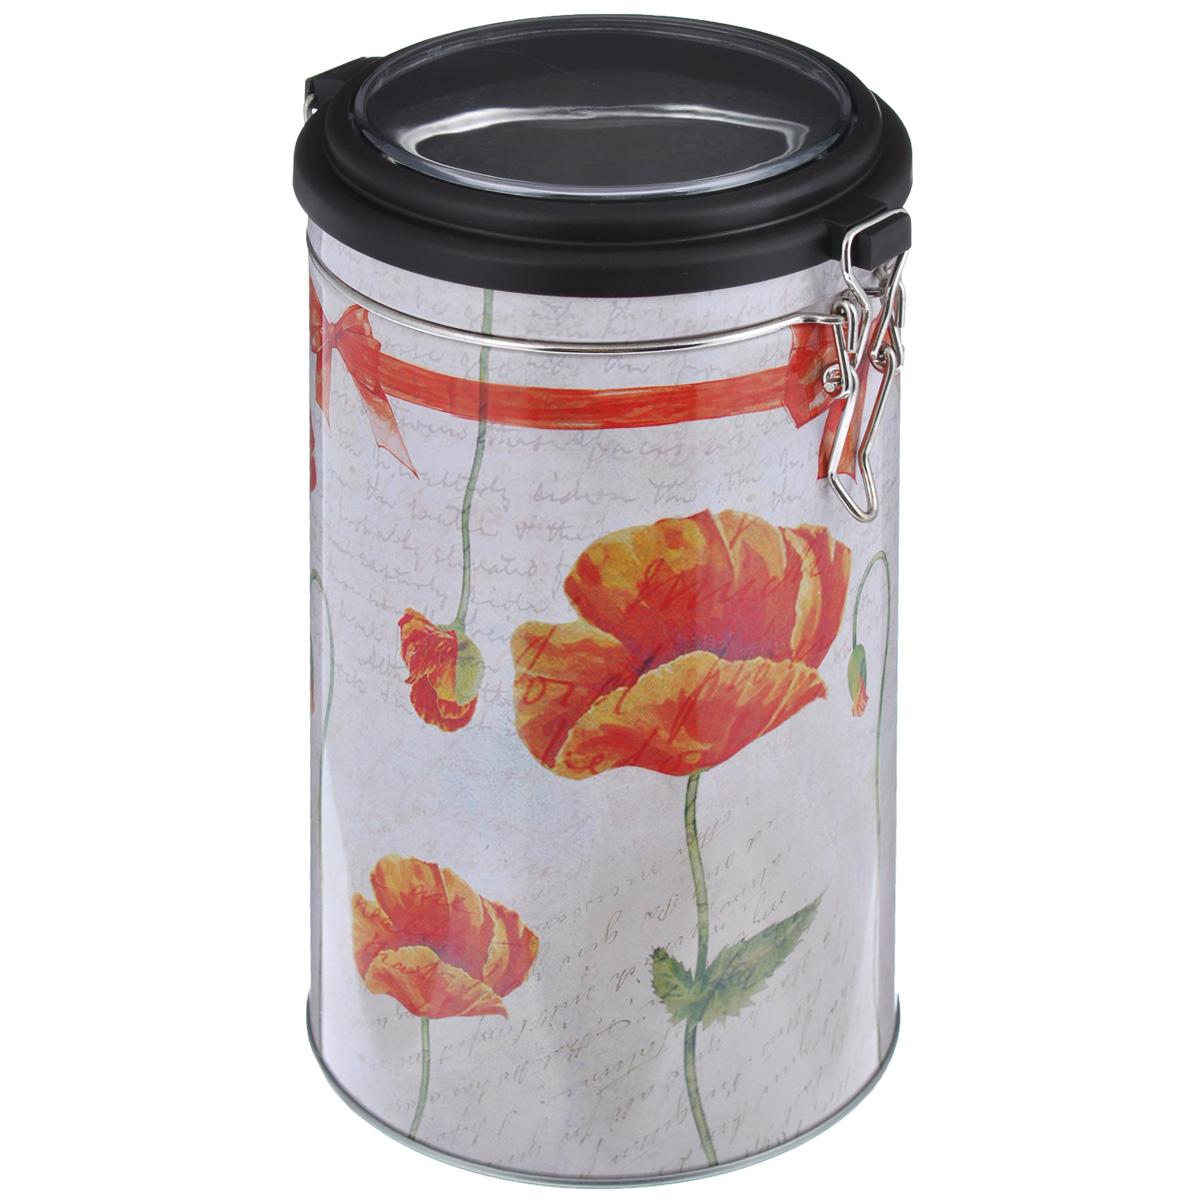 Банка для сыпучих продуктов Феникс-презент Маки, 1,8 лFA-5126-2 WhiteБанка для сыпучих продуктов Феникс-презент Маки, изготовленная из окрашенного черного металла, оформлена ярким рисунком. Банка прекрасно подойдет для хранения различных сыпучих продуктов: специй, чая, кофе, сахара, круп и многого другого. Емкость плотно закрывается прозрачной пластиковой крышкой на металлический замок. Благодаря этому она будет дольше сохранять свежесть ваших продуктов.Функциональная и вместительная, такая банка станет незаменимым аксессуаром на любой кухне. Нельзя мыть в посудомоечной машине.Объем банки: 1,8 л.Высота банки (без учета крышки): 17,4 см. Диаметр банки (по верхнему краю): 10,5 см.